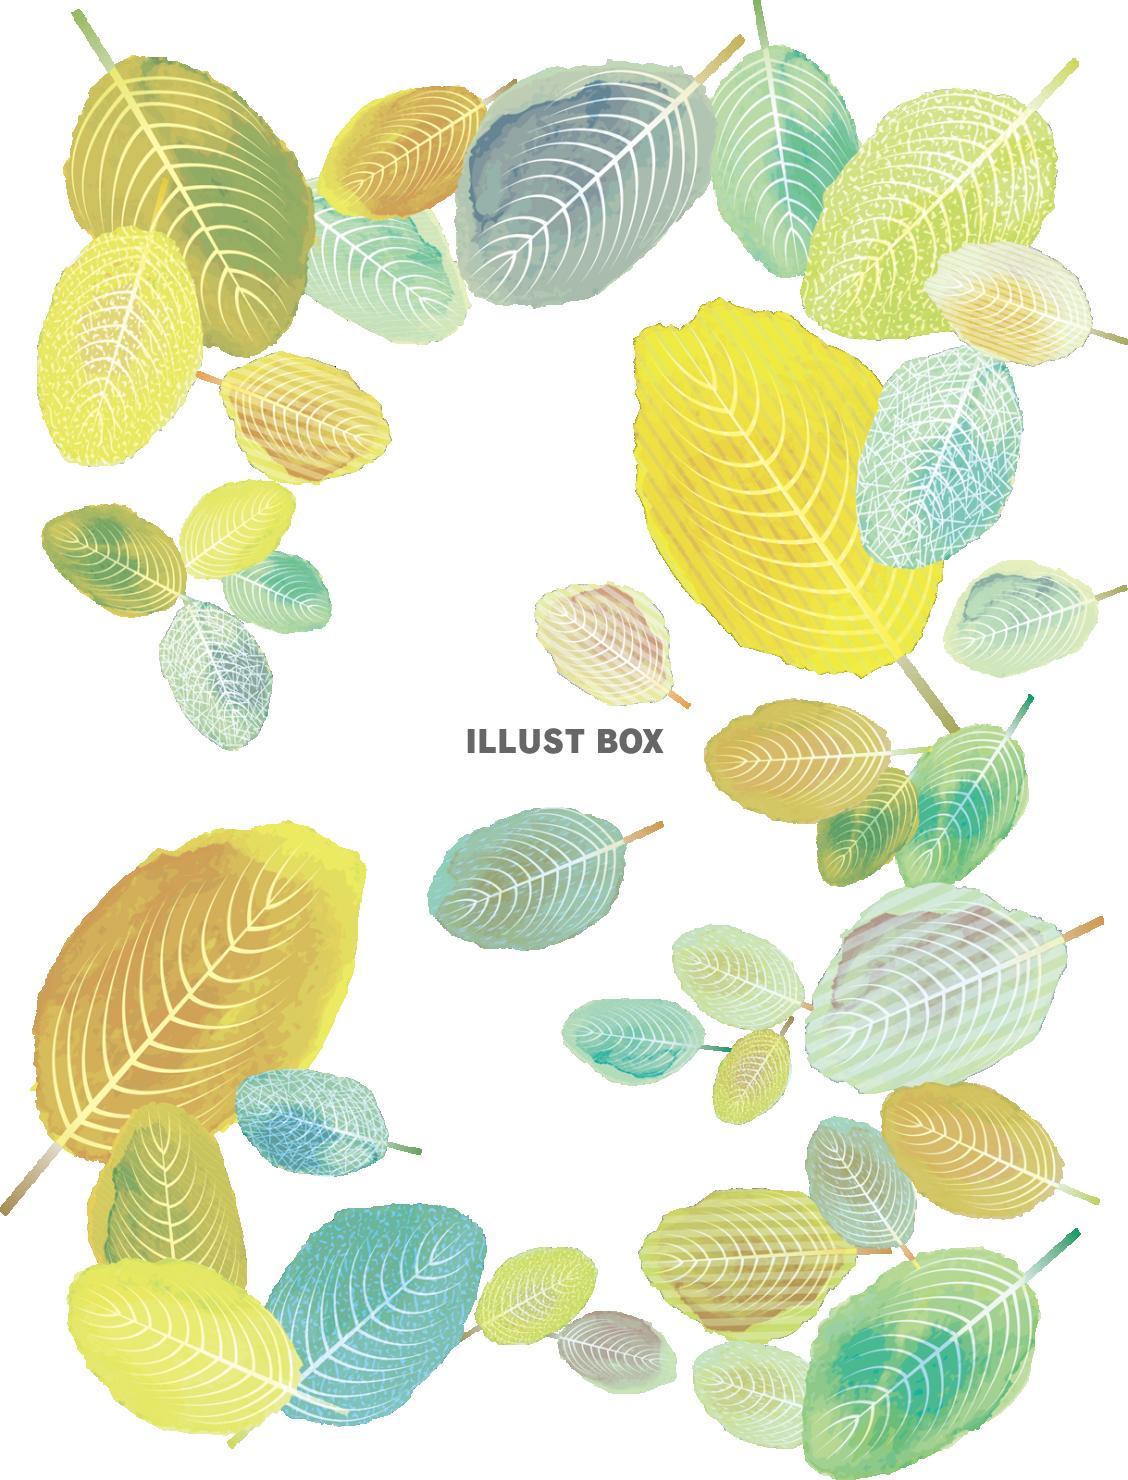 無料イラスト 背景,夏,春,イラスト,シンプル,シルエット,葉,かわいい,